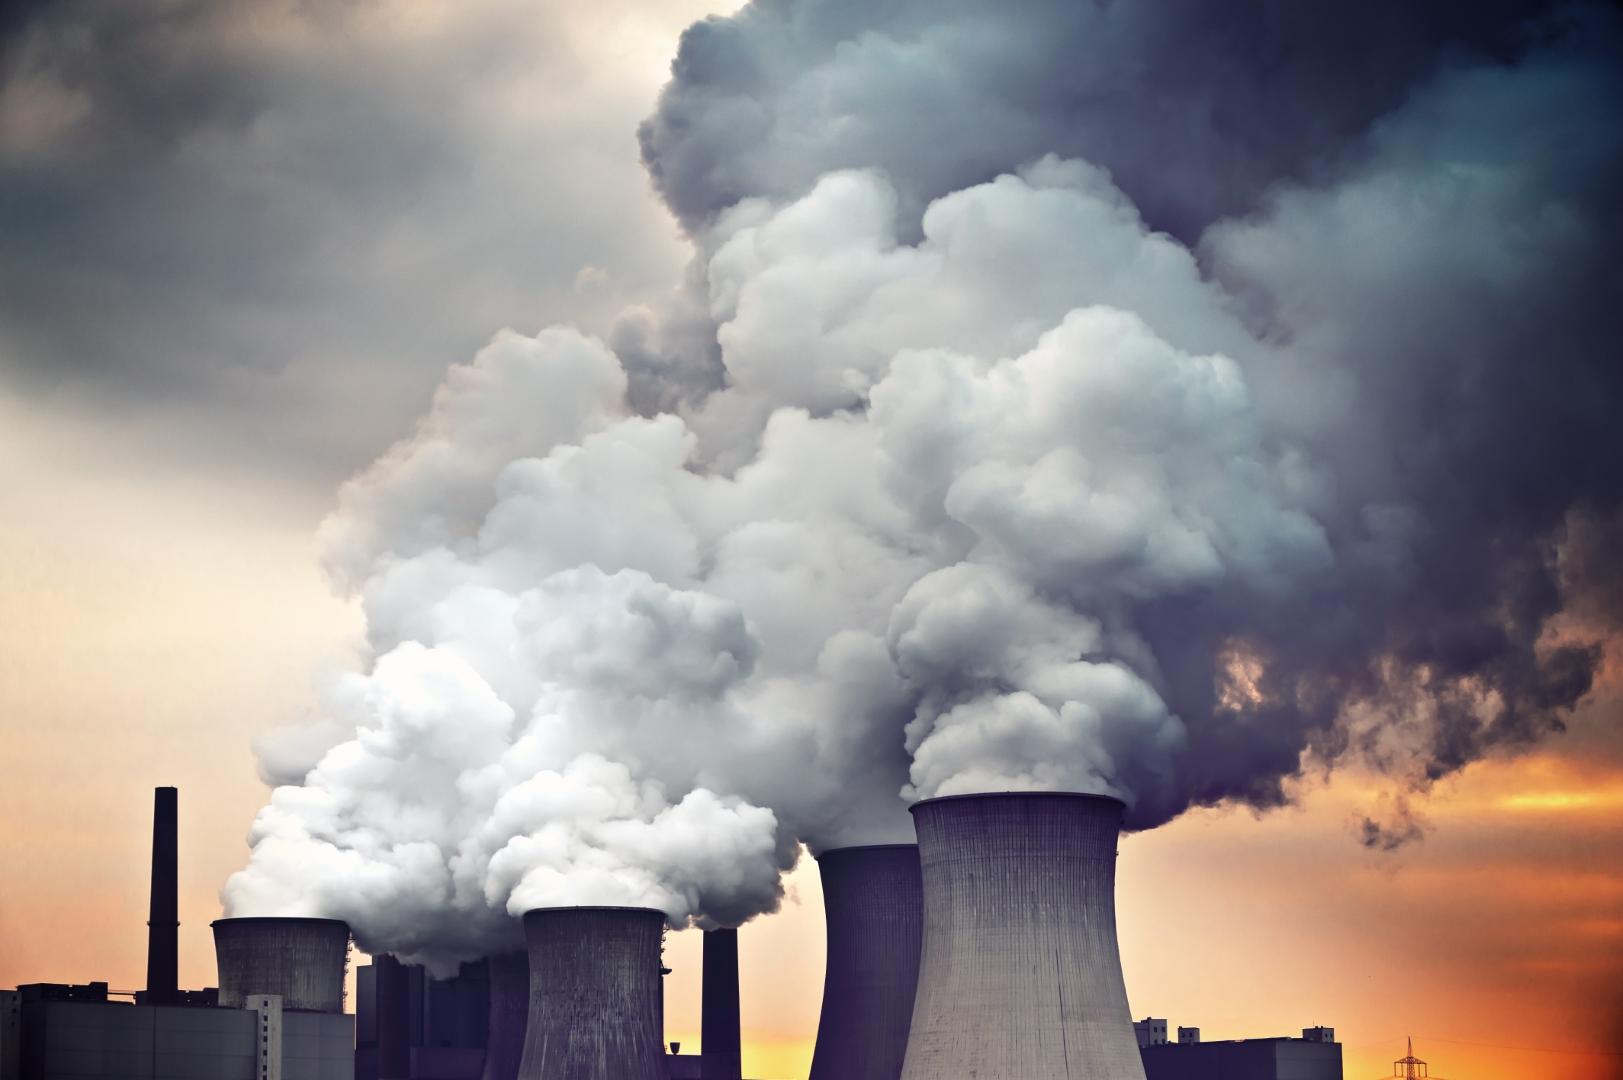 Kohleverstromung könnte bis 2030 beendet werden